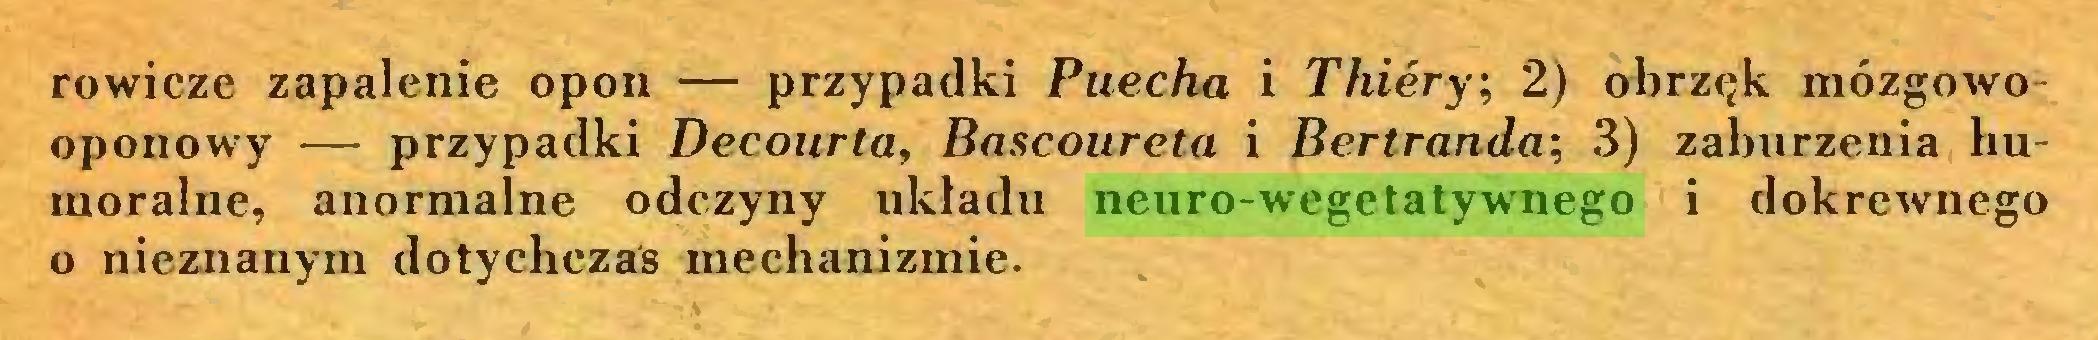 (...) rowicze zapalenie opon — przypadki Puecha i Thiéry; 2) obrzęk mózgowooponowy — przypadki Decourta, Bascoureta i Bertranda; 3) zaburzenia humoralne, anormalne odczyny układu neuro-wegetatywnego i dokrewnego 0 nieznanym dotychczas mechanizmie...